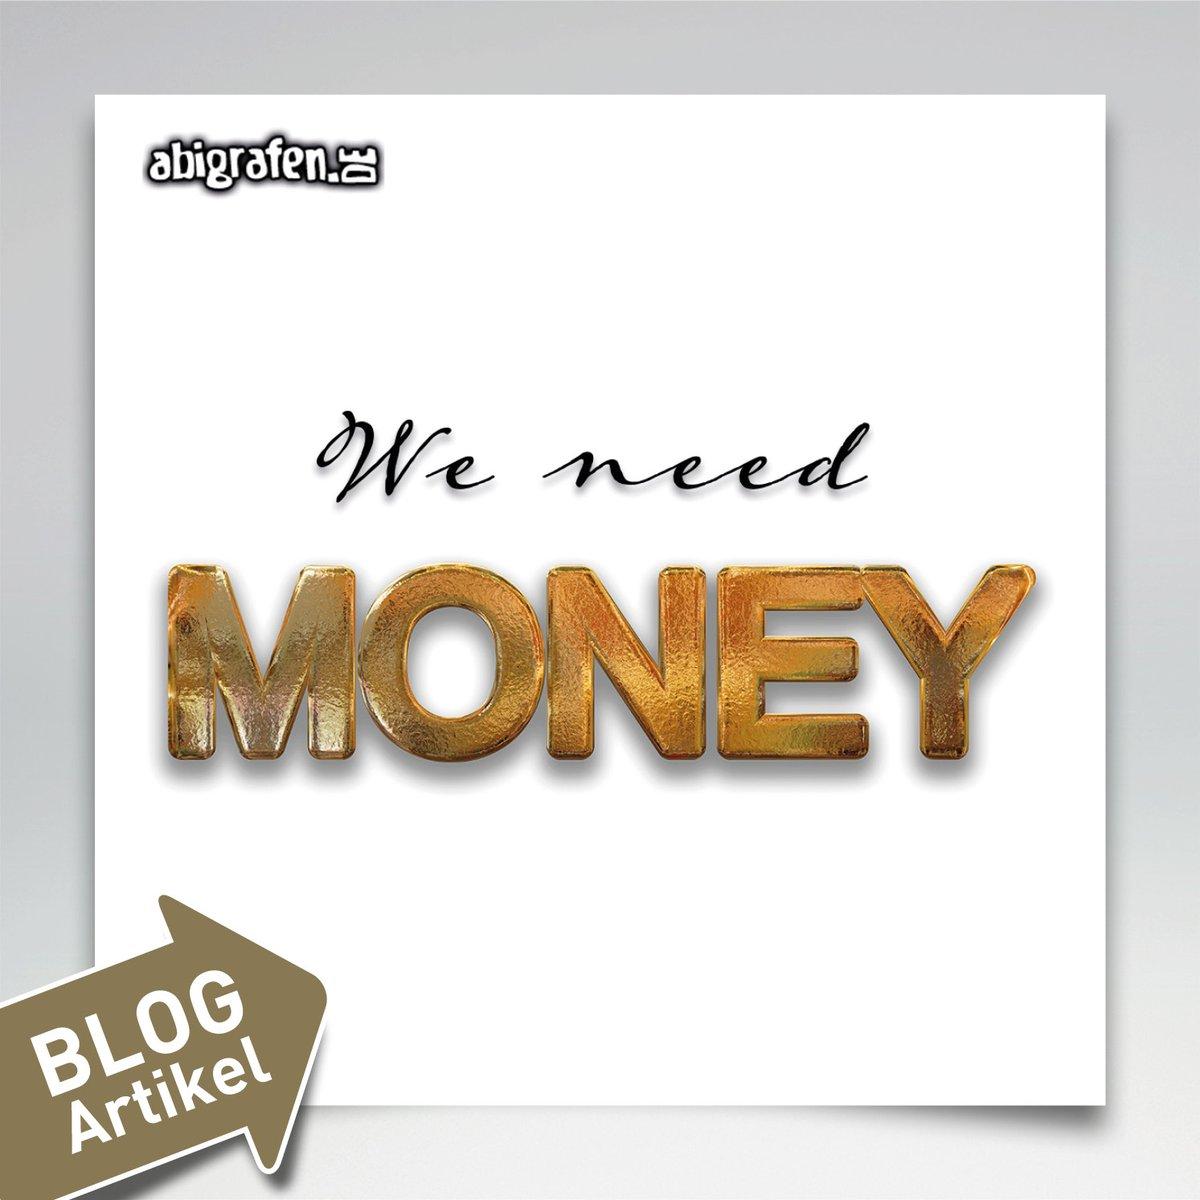 Ihr wisst. Nicht wie ihr das Geld für eure ganzen Abitur Wünsche zusammen kriegt? Hier unser Idee! https://www.abigrafen.de/geld-sammeln-fuer-den-abiball-vofi/…  #abitur #geld #abikasse #geld_muss_her #tipps #tricks #schueler #stufe #organistaion #geld_sammeln #sammlung #veranstaltung #verkauf #gewinnspiele pic.twitter.com/0kGdDLQSos